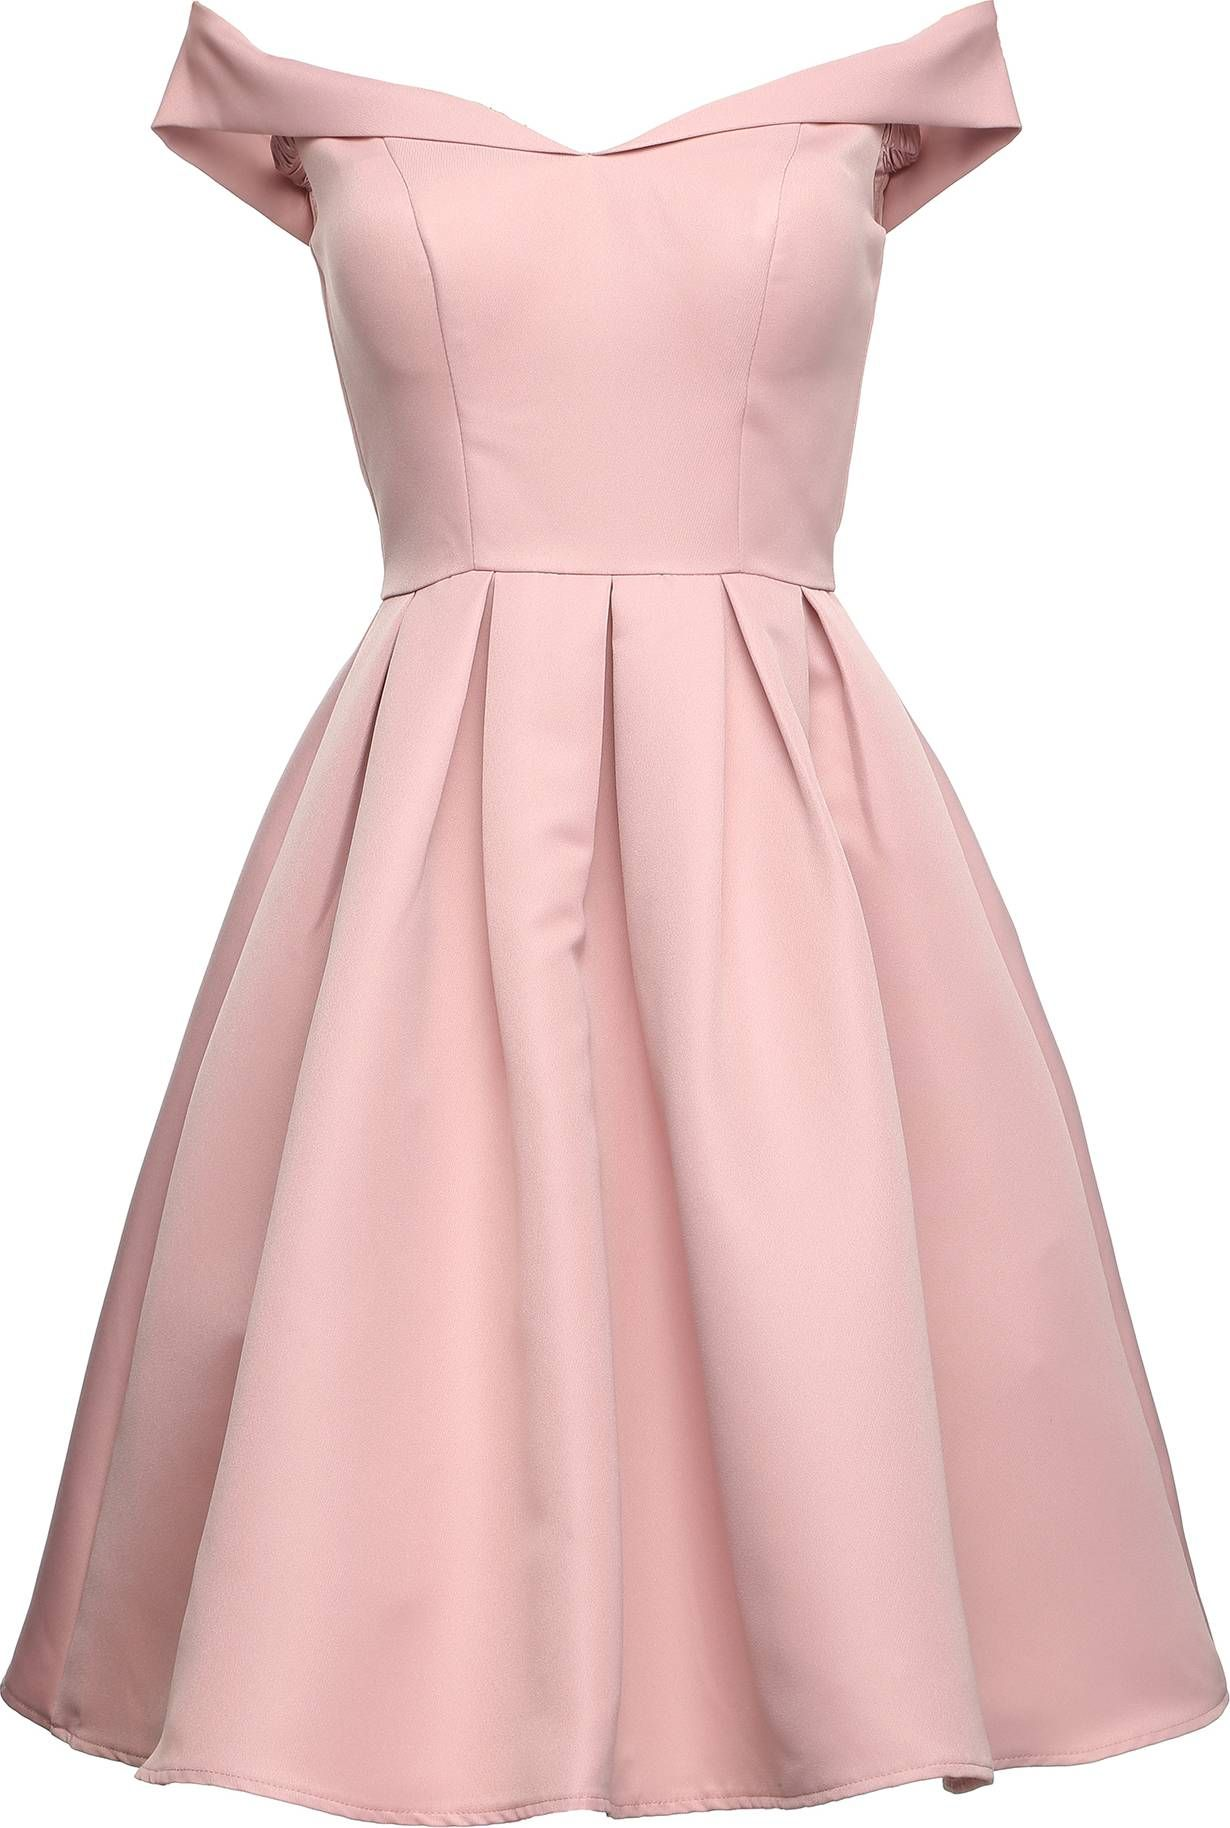 offshoulder kleid 39 dulce dress 39 von chi chi london schnelle und kostenlose lieferung 100 tage. Black Bedroom Furniture Sets. Home Design Ideas